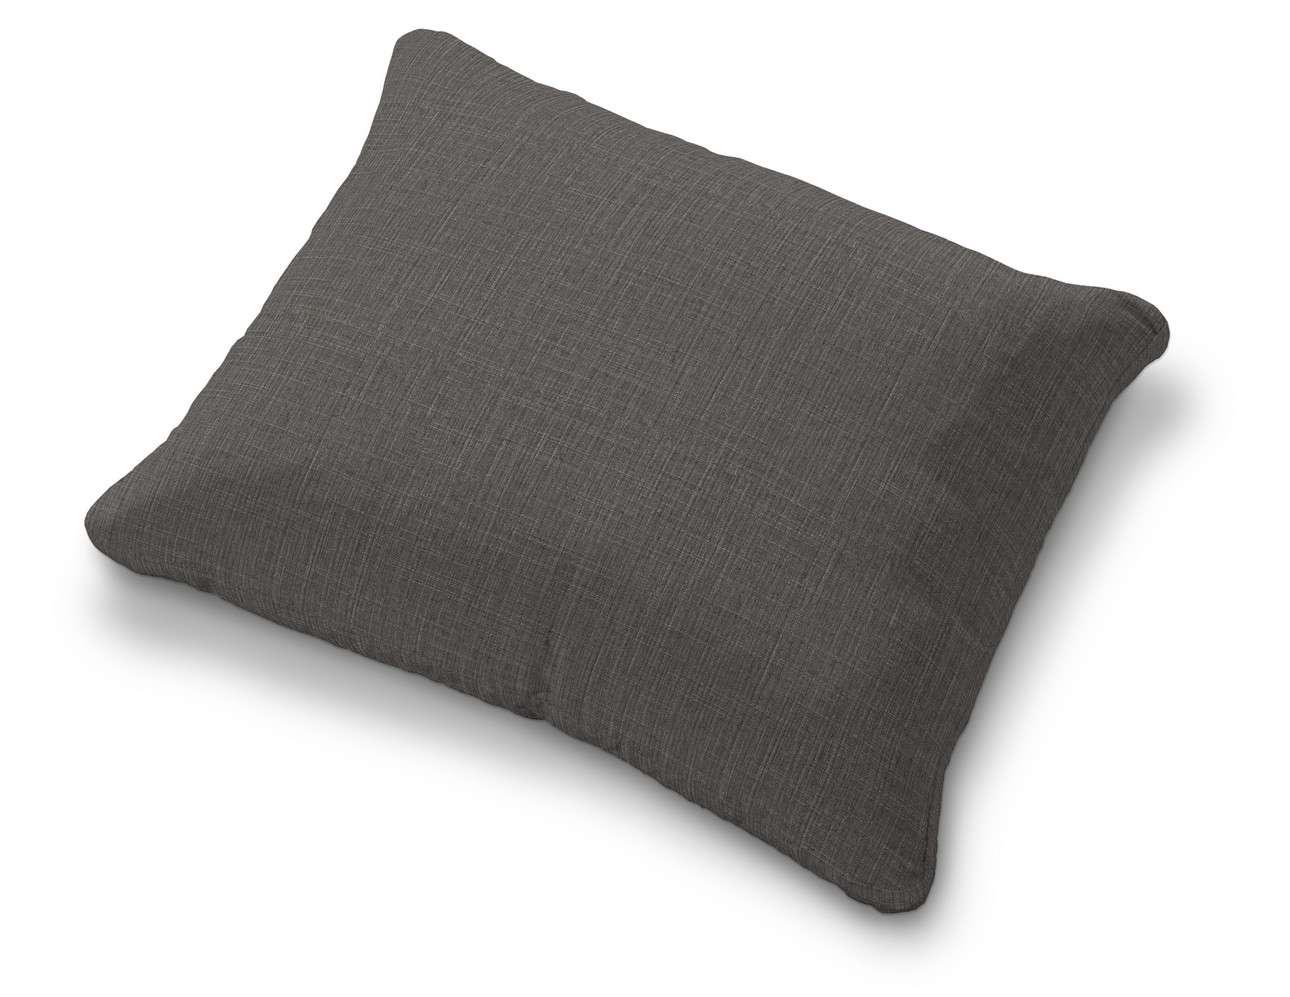 Poszewka na poduszkę Karlstad 58x48cm w kolekcji Living, tkanina: 161-16